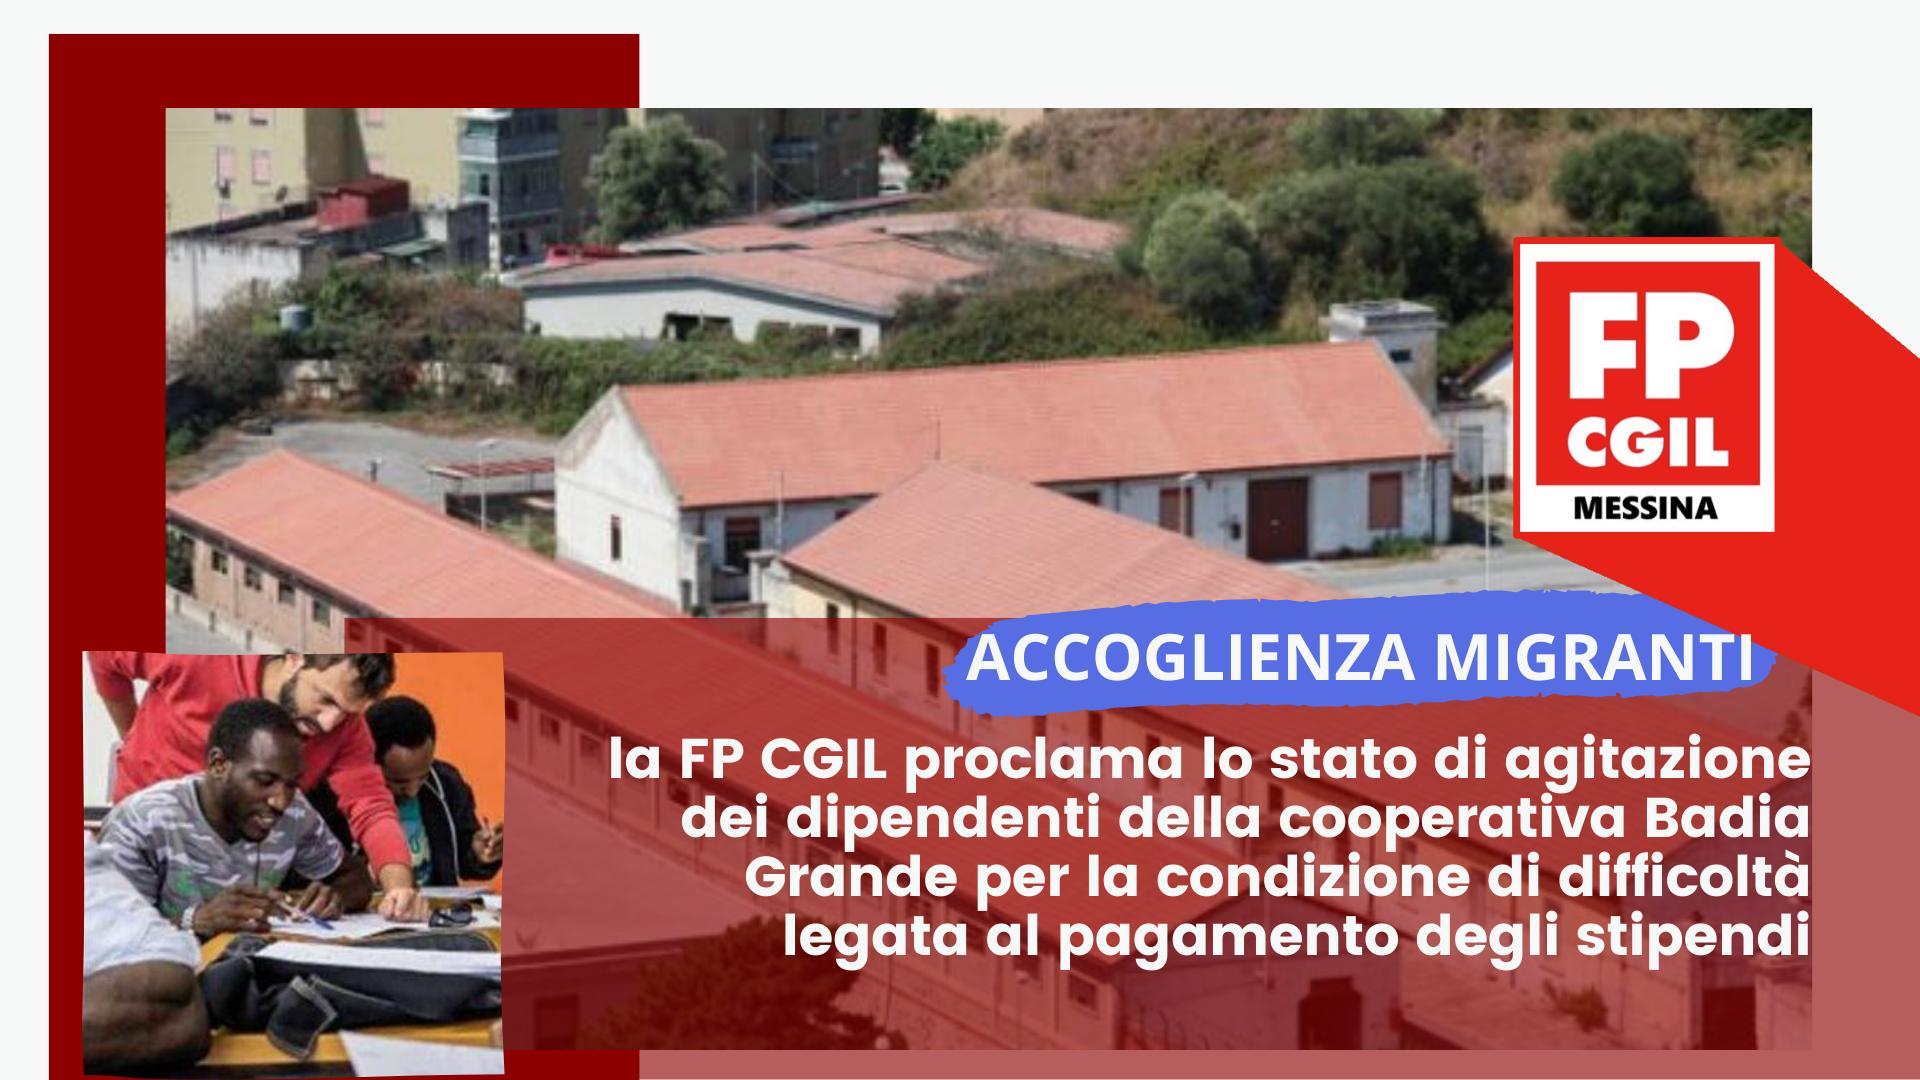 Accoglienza migranti, la FP CGIL proclama lo stato di agitazione dei dipendenti della cooperativa Badia Grande per la condizione di difficoltà legata al pagamento degli stipendi